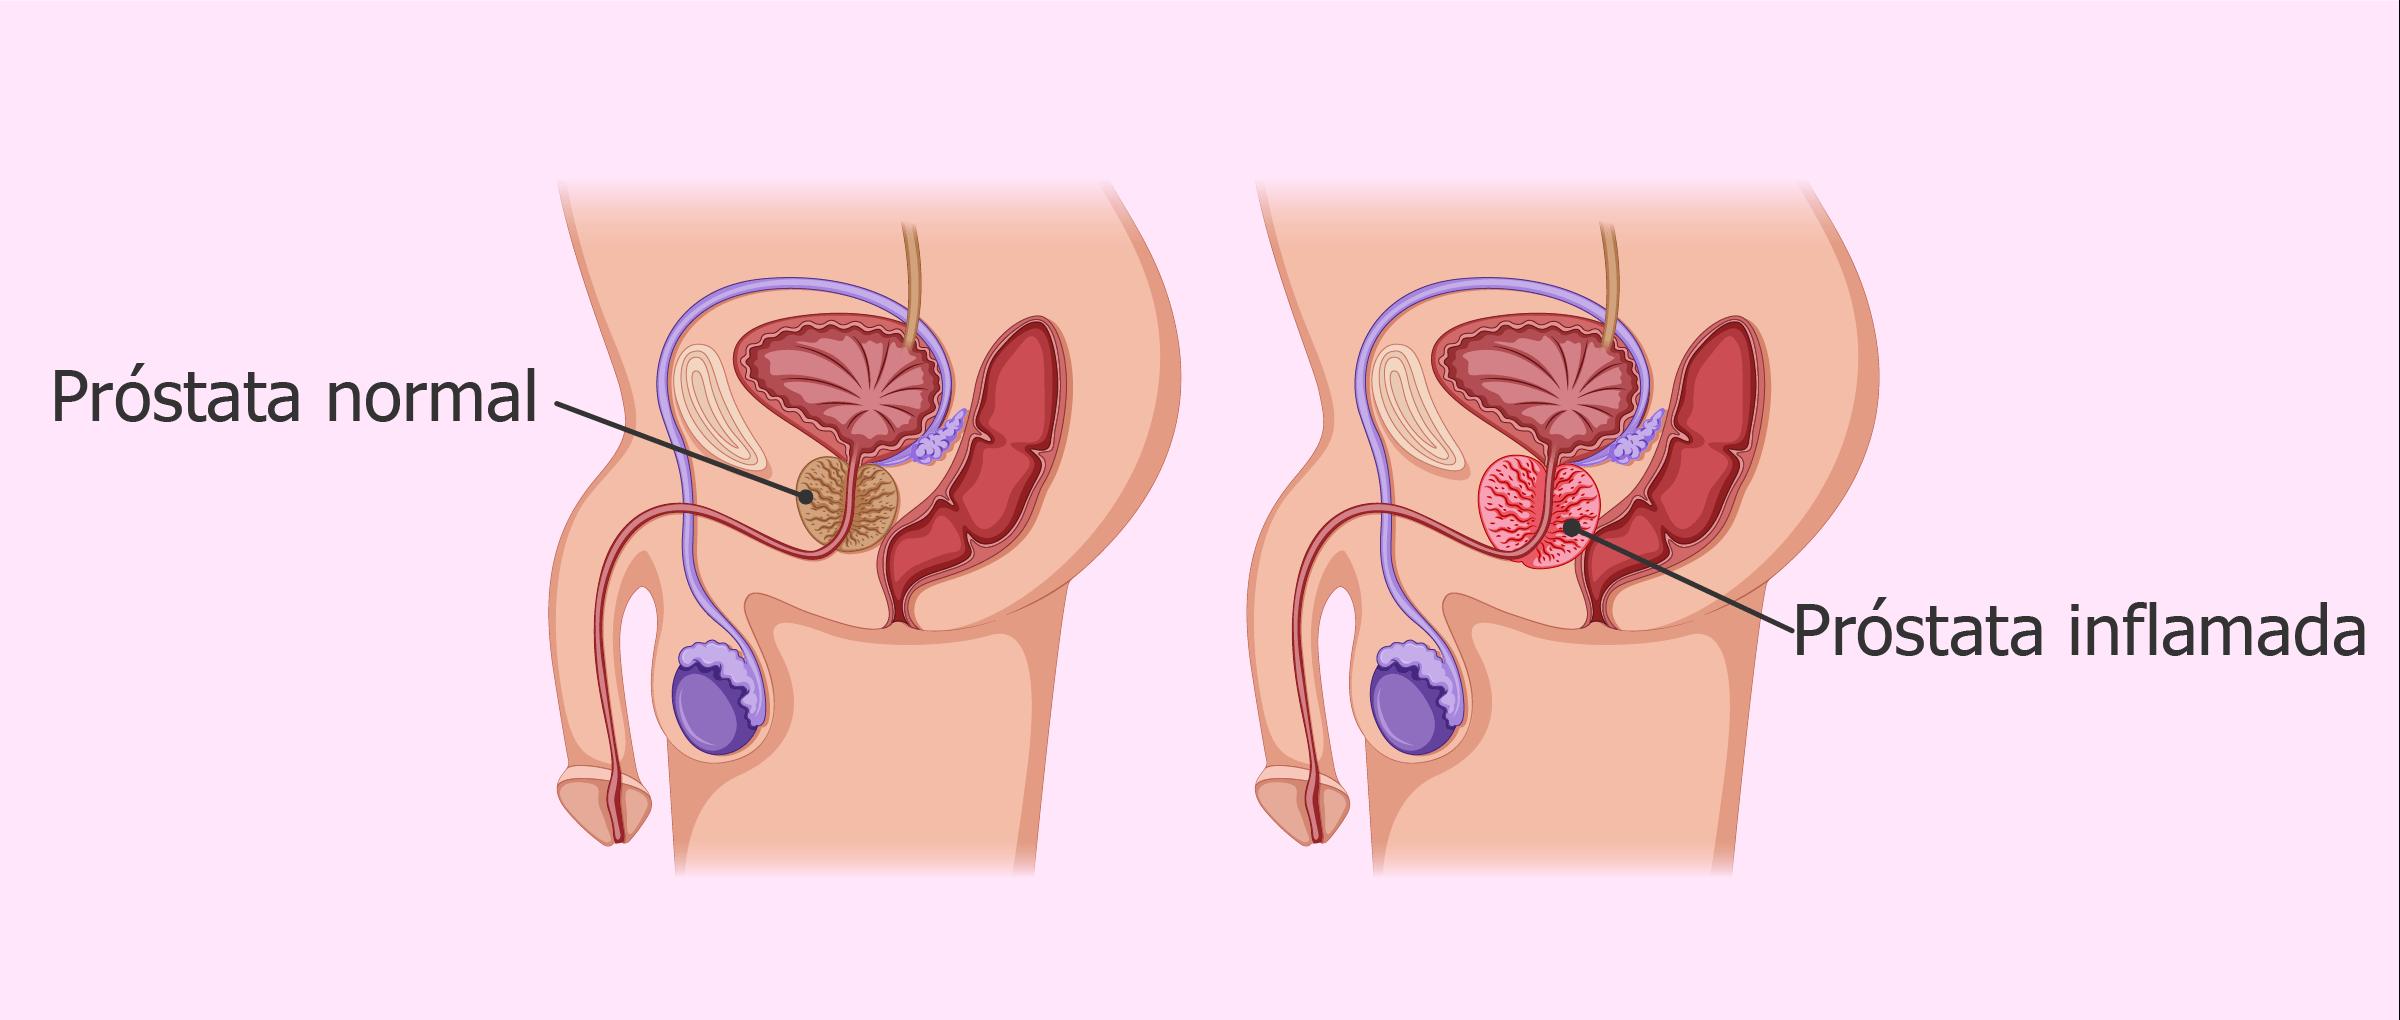 prostatitis crónica provoca actualización